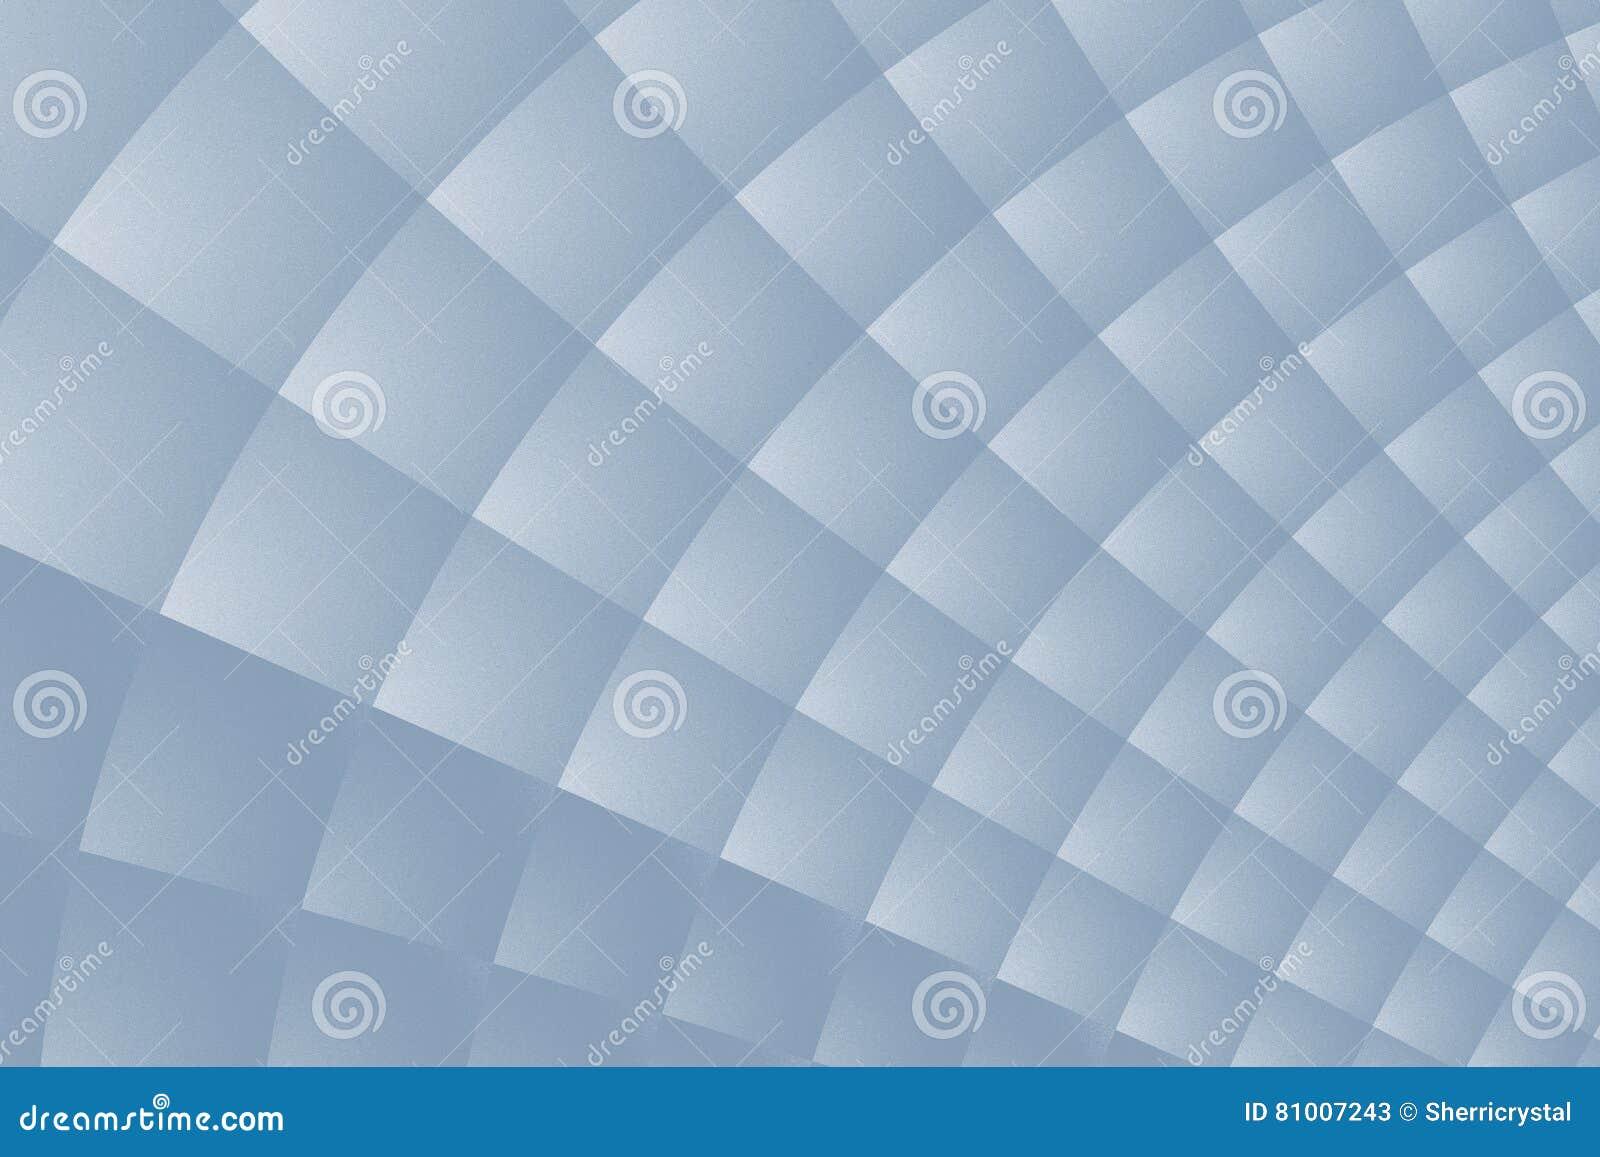 Предпосылка фрактали стального серого цвета штейновая с тонкой структурой и передернутой квадратной картиной